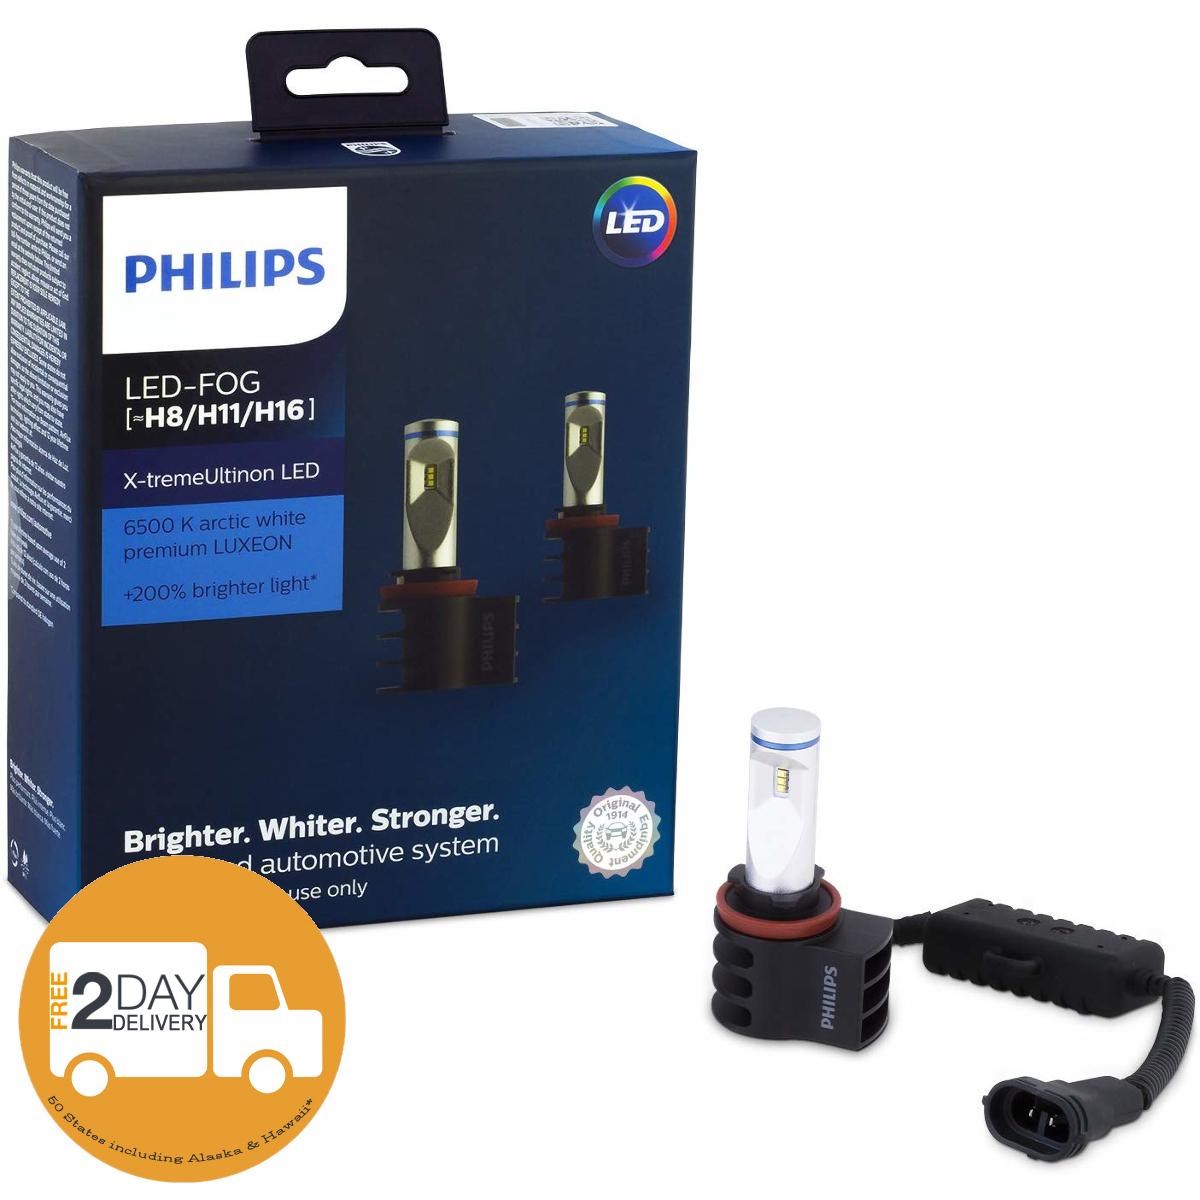 Philips LED X-Treme Vision Fog Light Kit